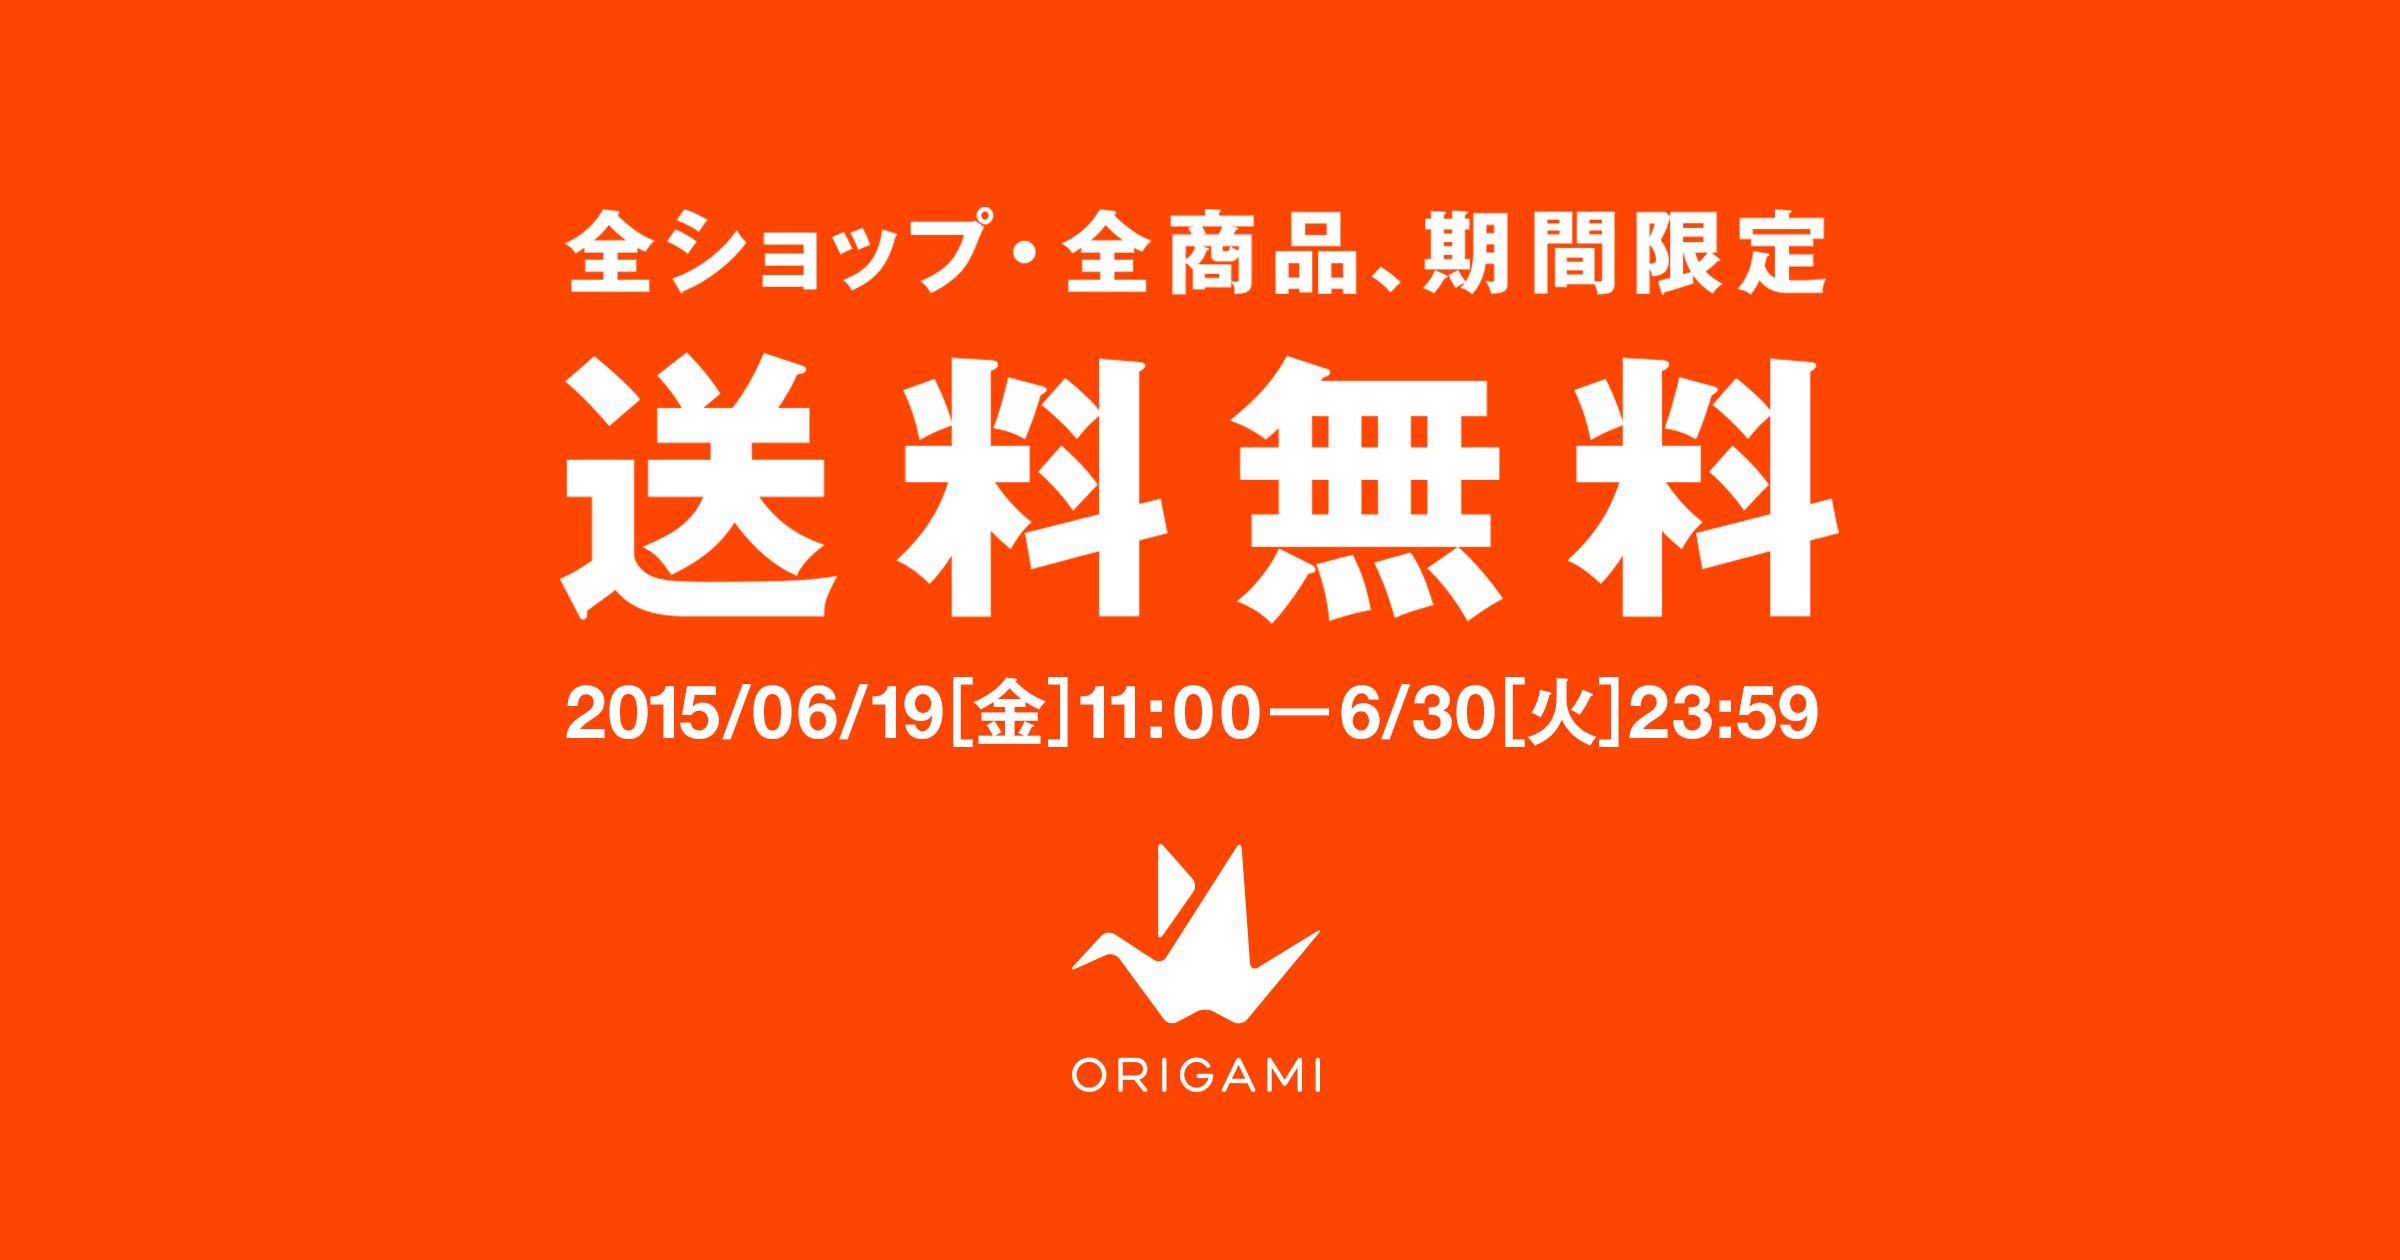 Origami送料無料キャンペーン